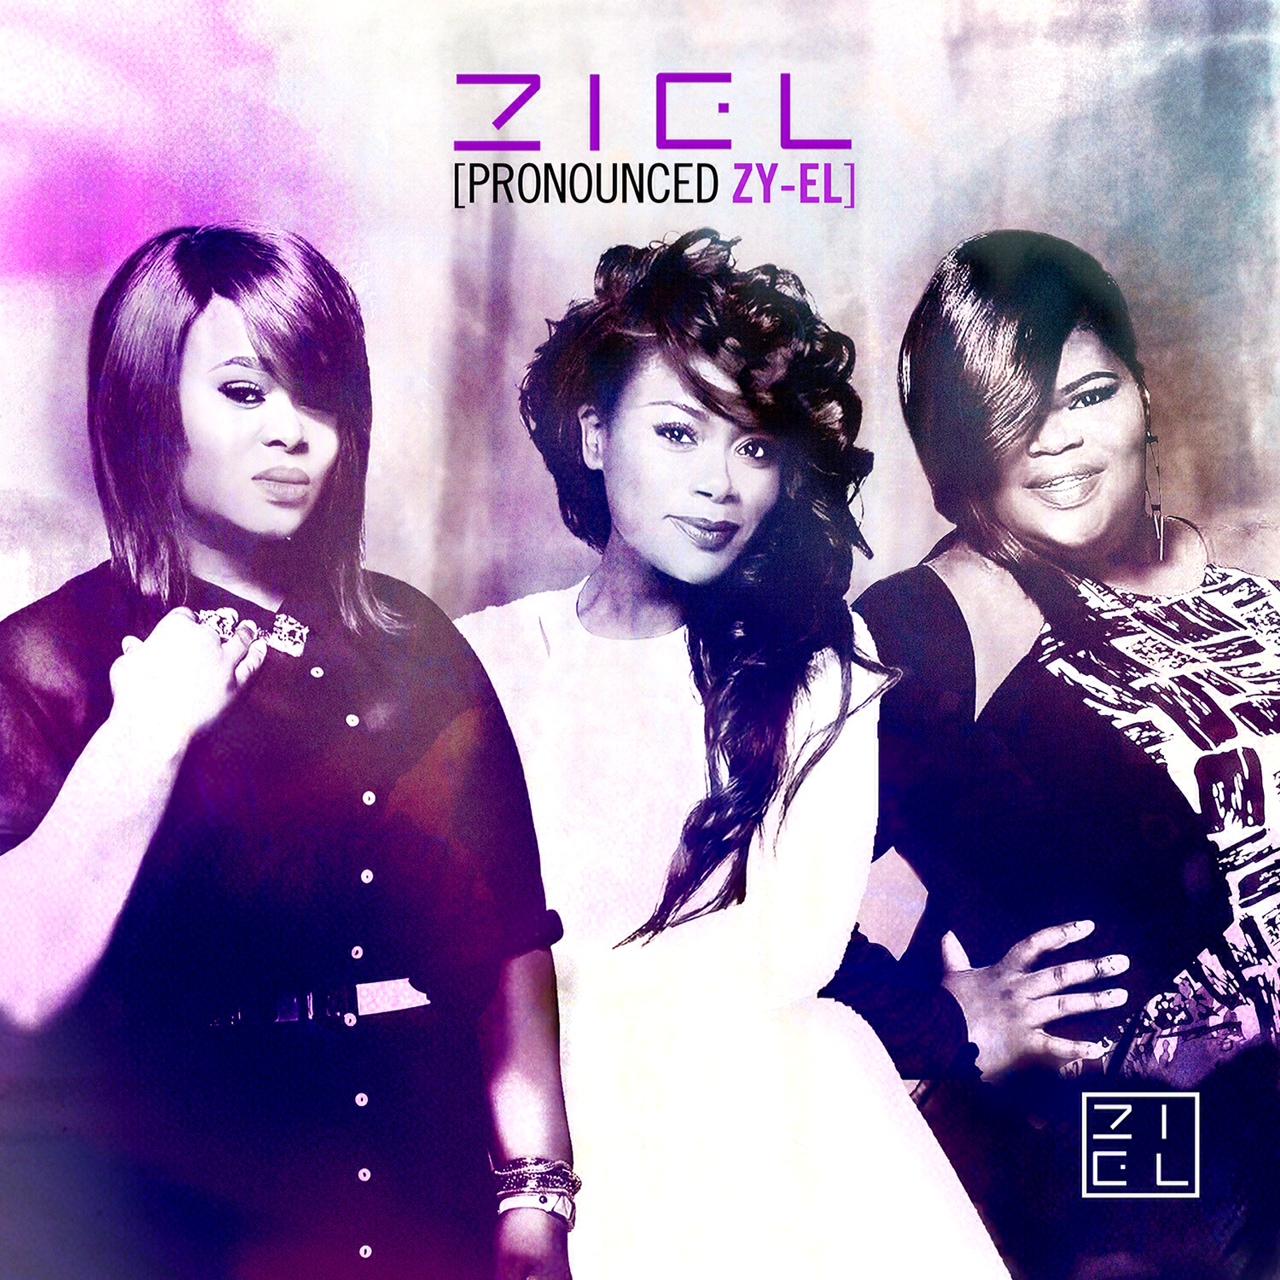 pronounced zy-el